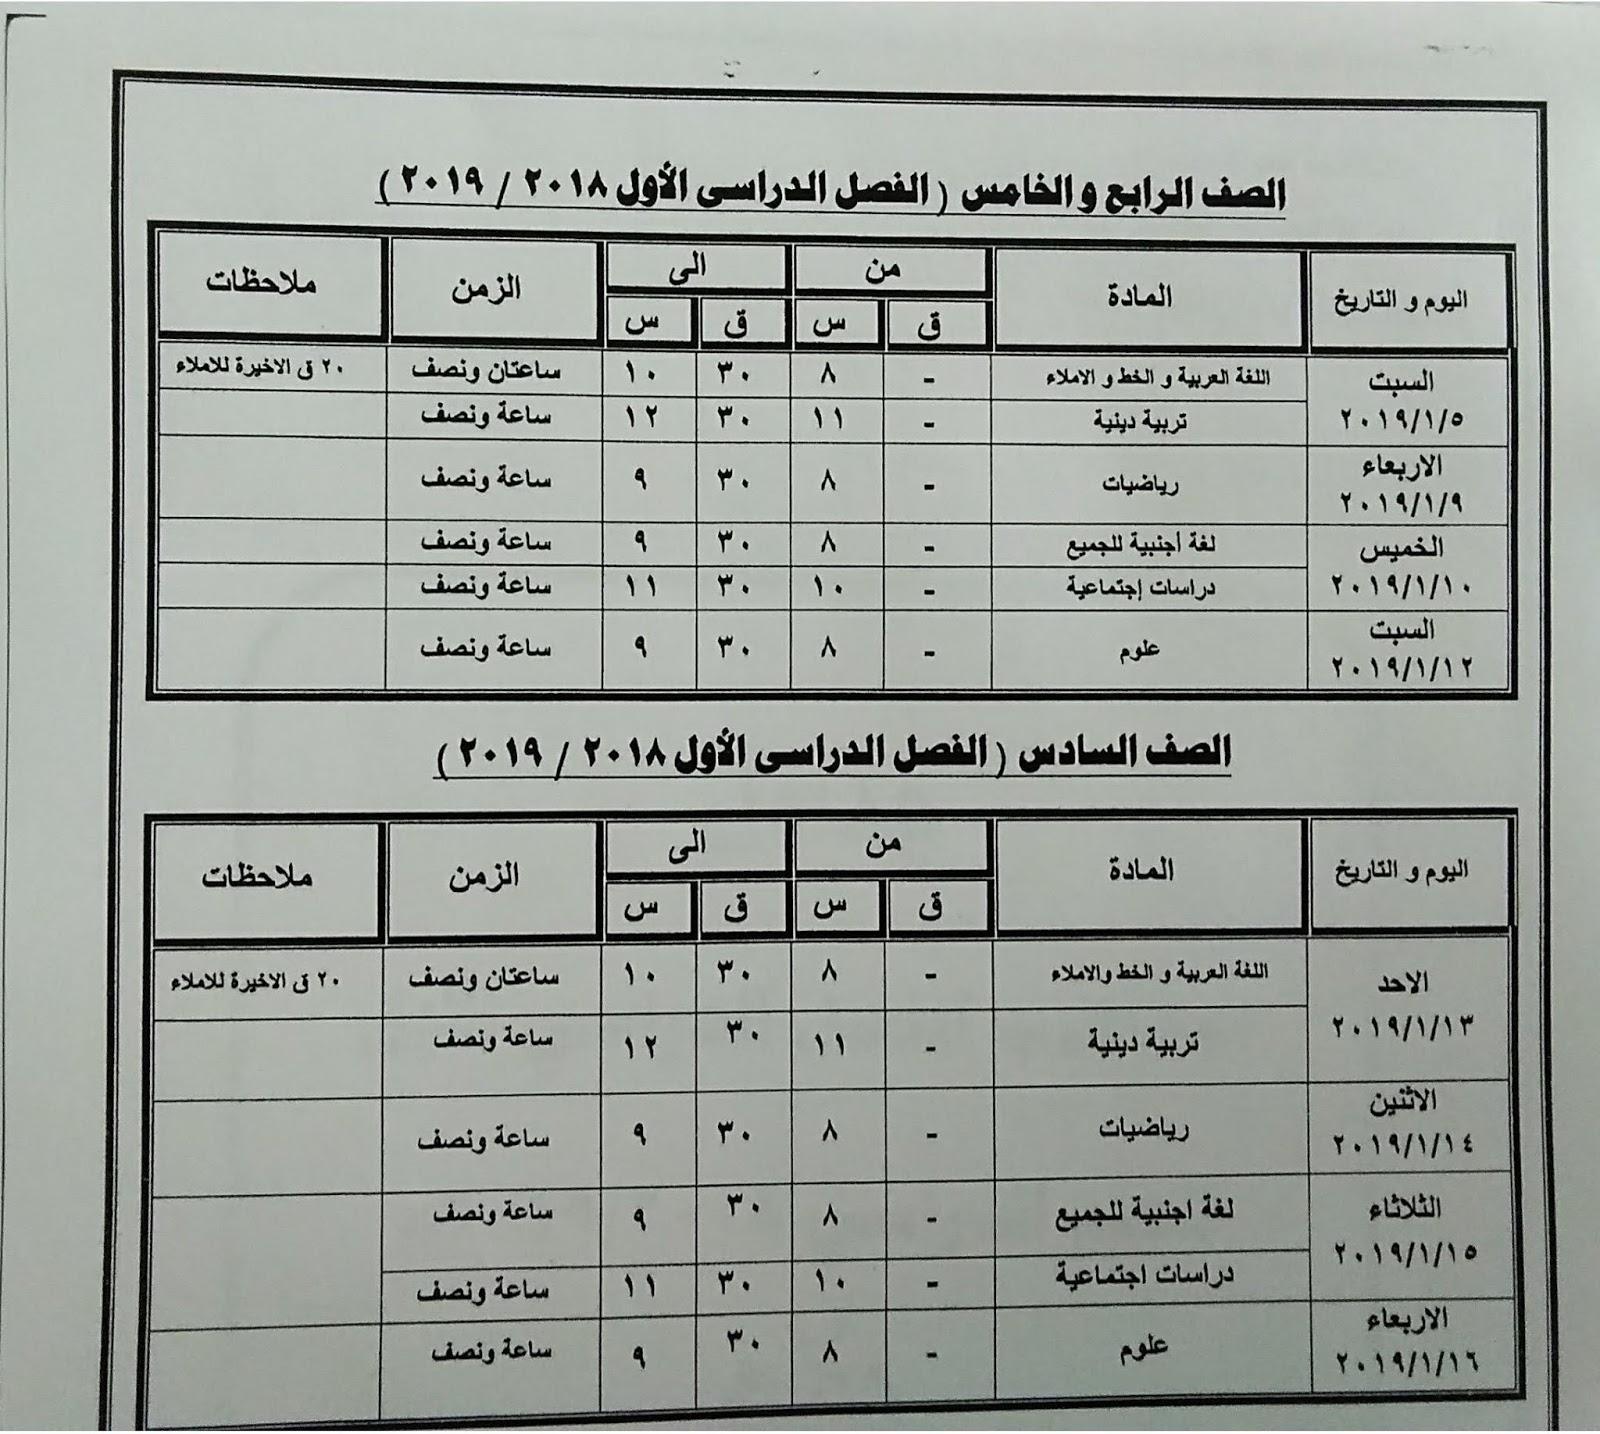 جدول امتحانات نصف العام ترم أول محافظة كفر الشيخ